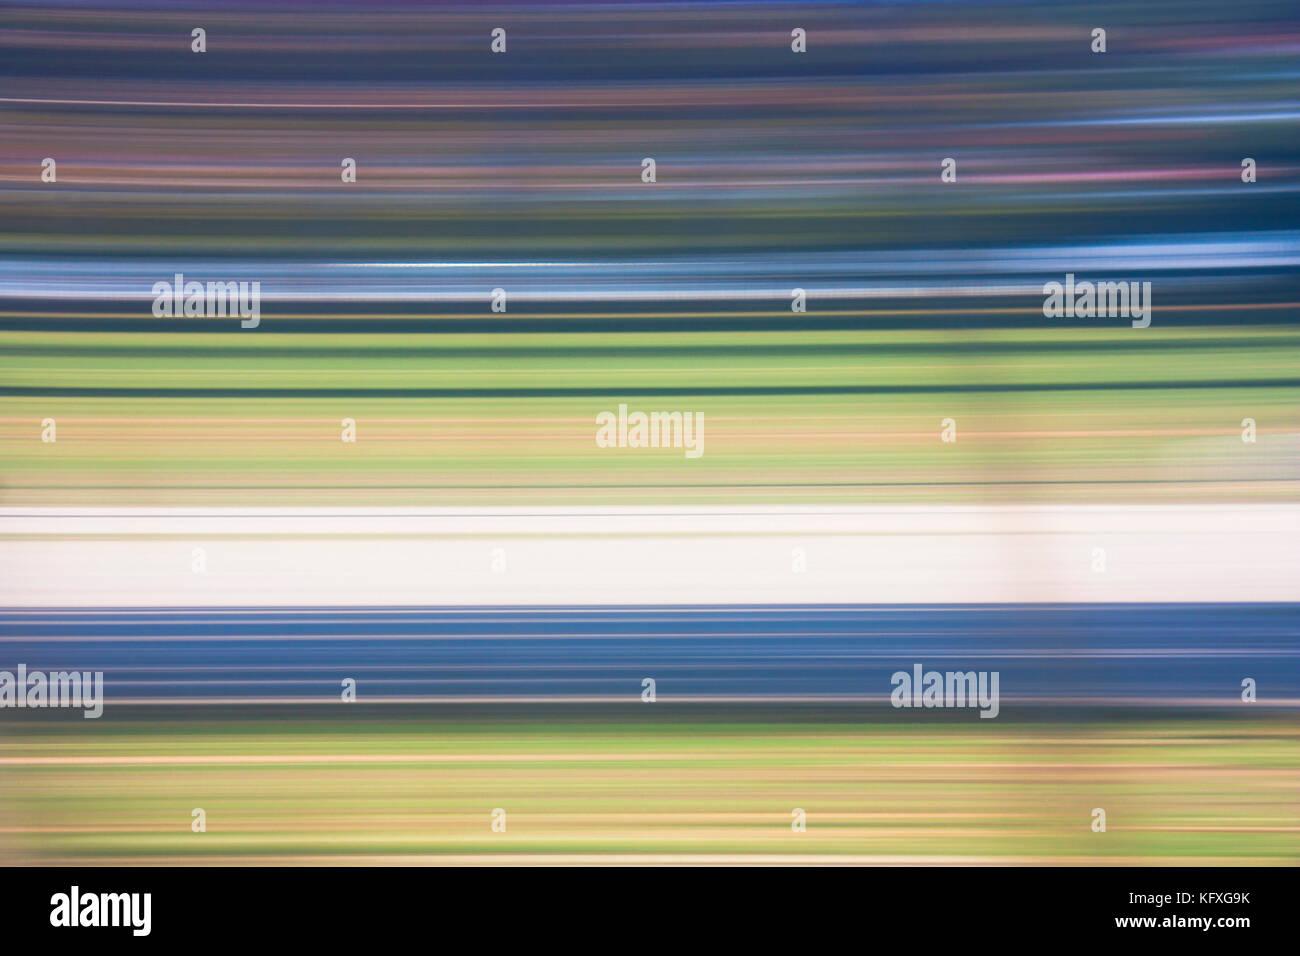 Abstrakte blurry weich und glatt bunte Linien im Zeitraffer Stockbild